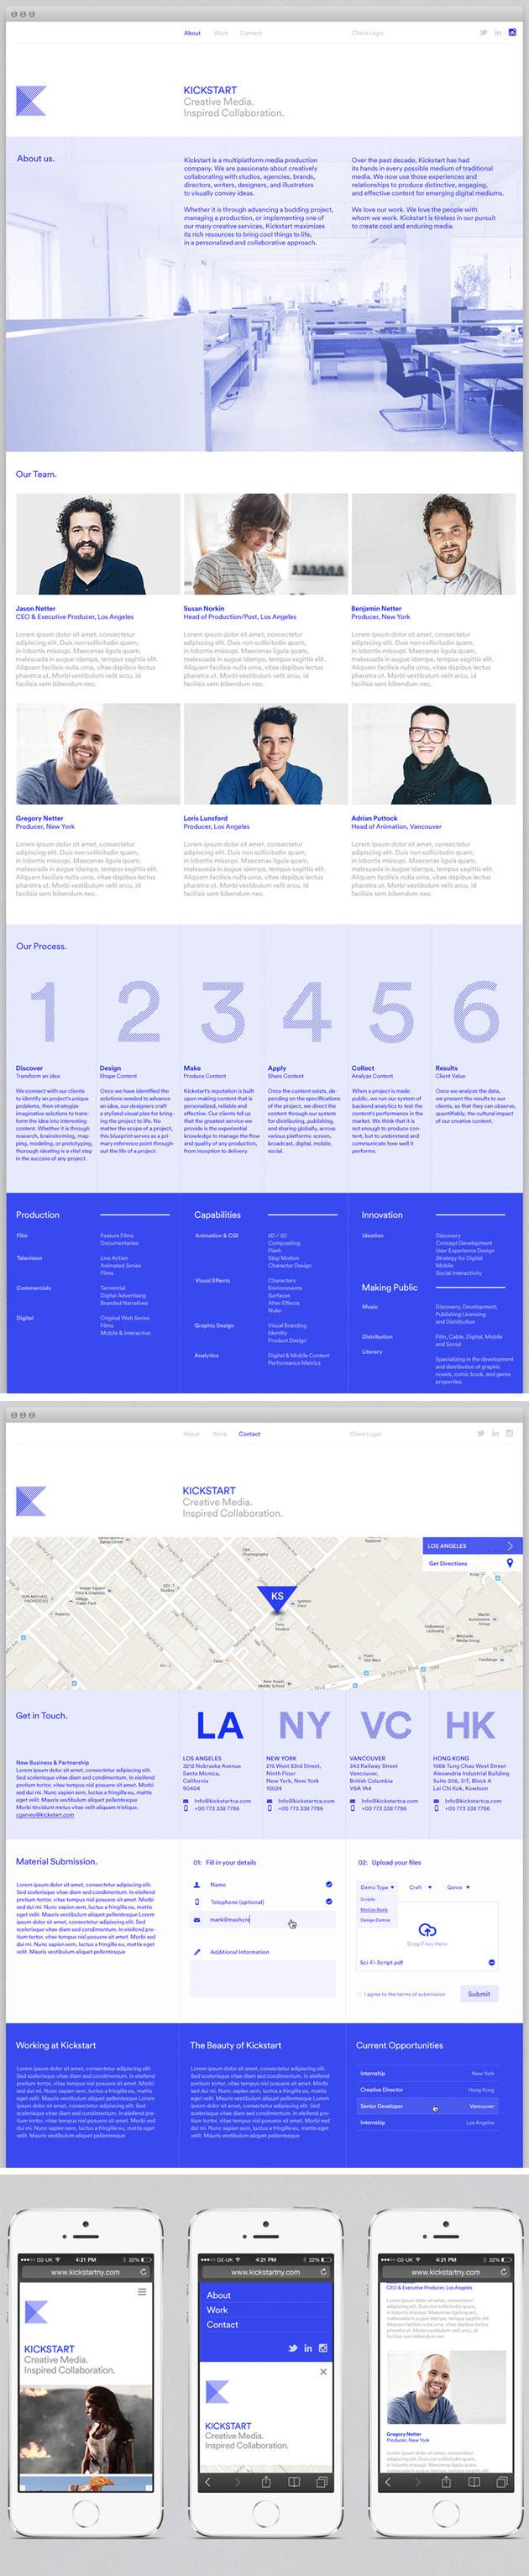 Kickstart Media Group - Inspiración web design